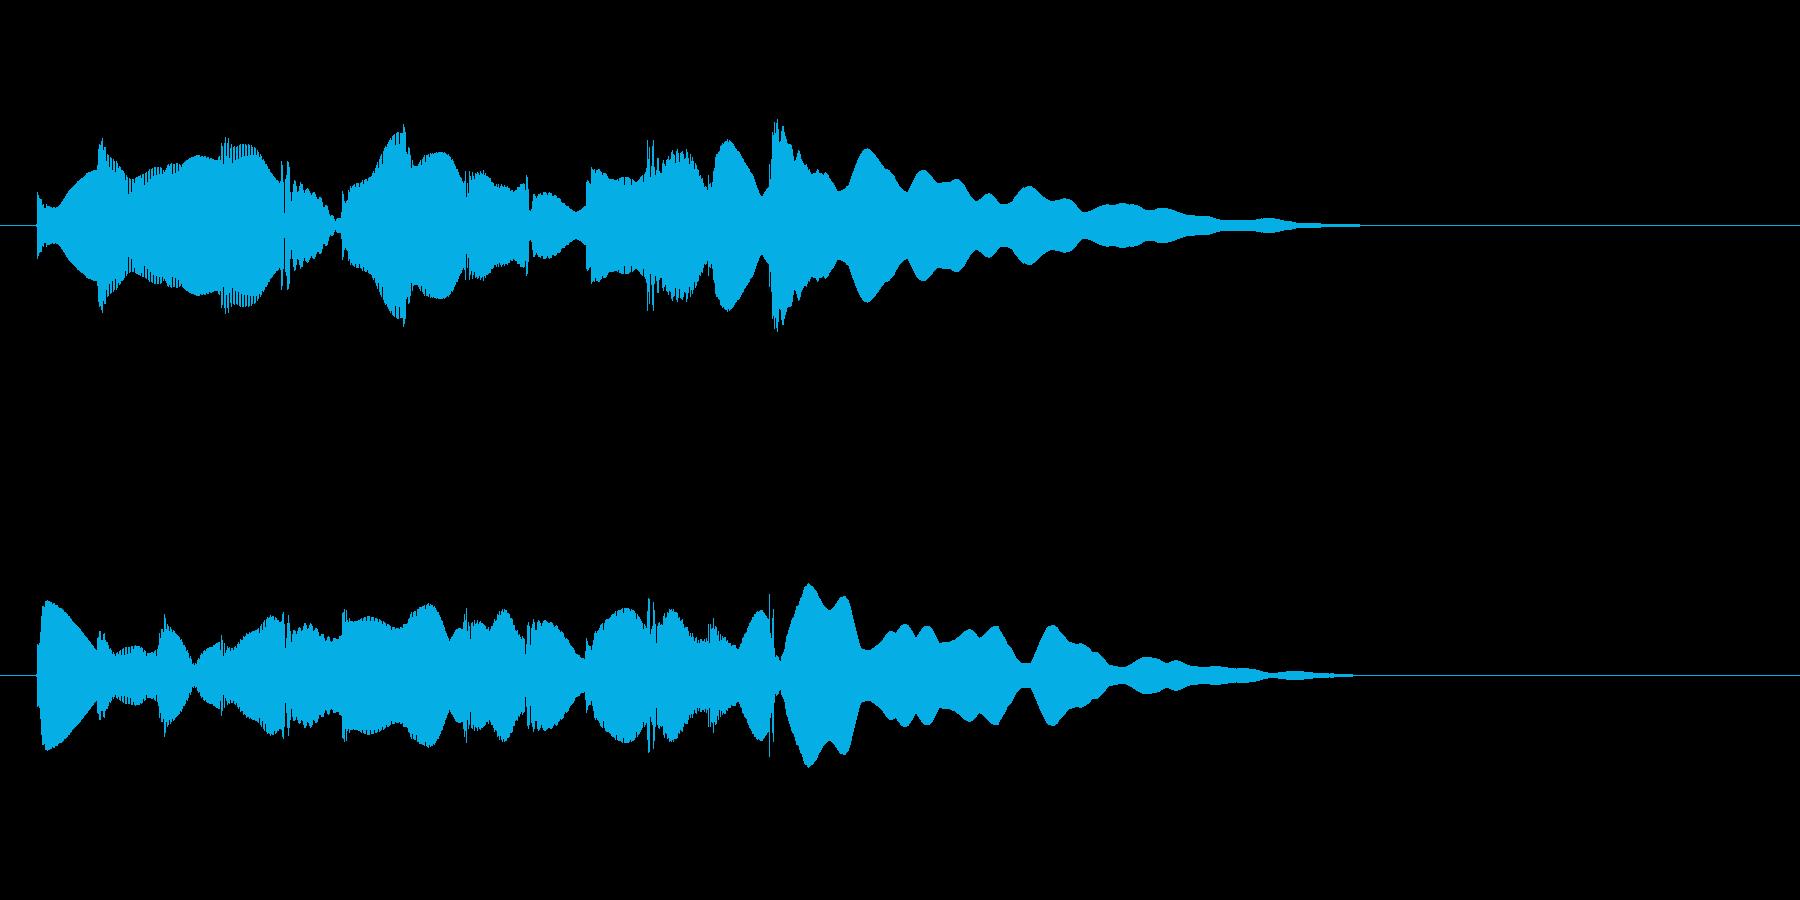 ピロリン 作業完了を知らせるジングルの再生済みの波形